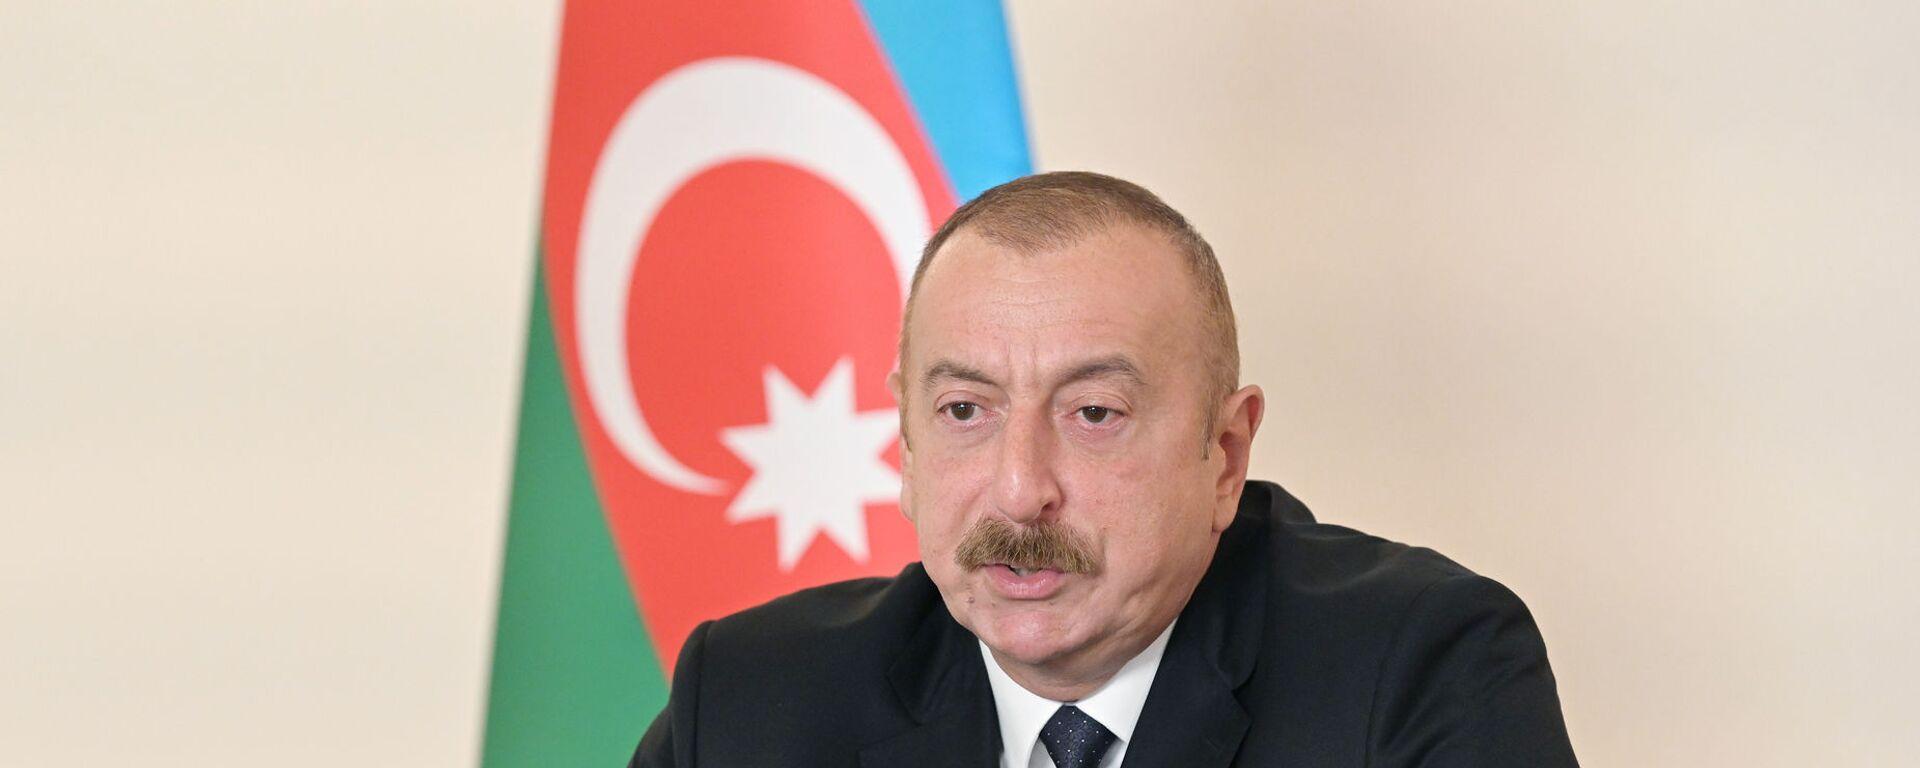 İlham Əliyev - Sputnik Azərbaycan, 1920, 11.10.2021